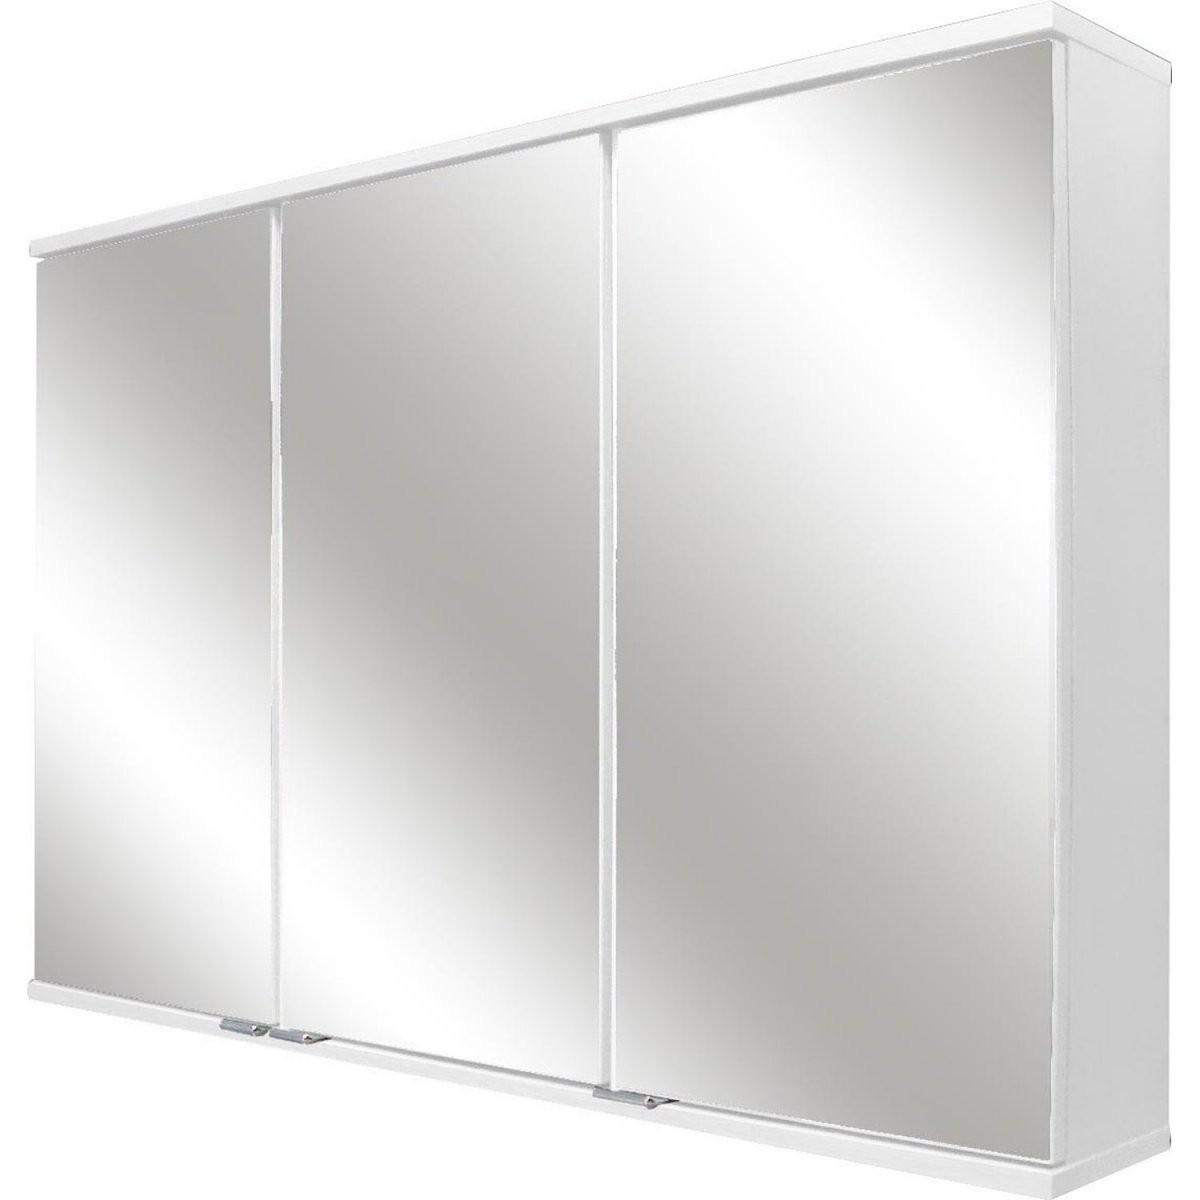 Spiegelschränke Online Kaufen Bei Obi  Obi von Bad Spiegelschrank Mit Beleuchtung Günstig Bild